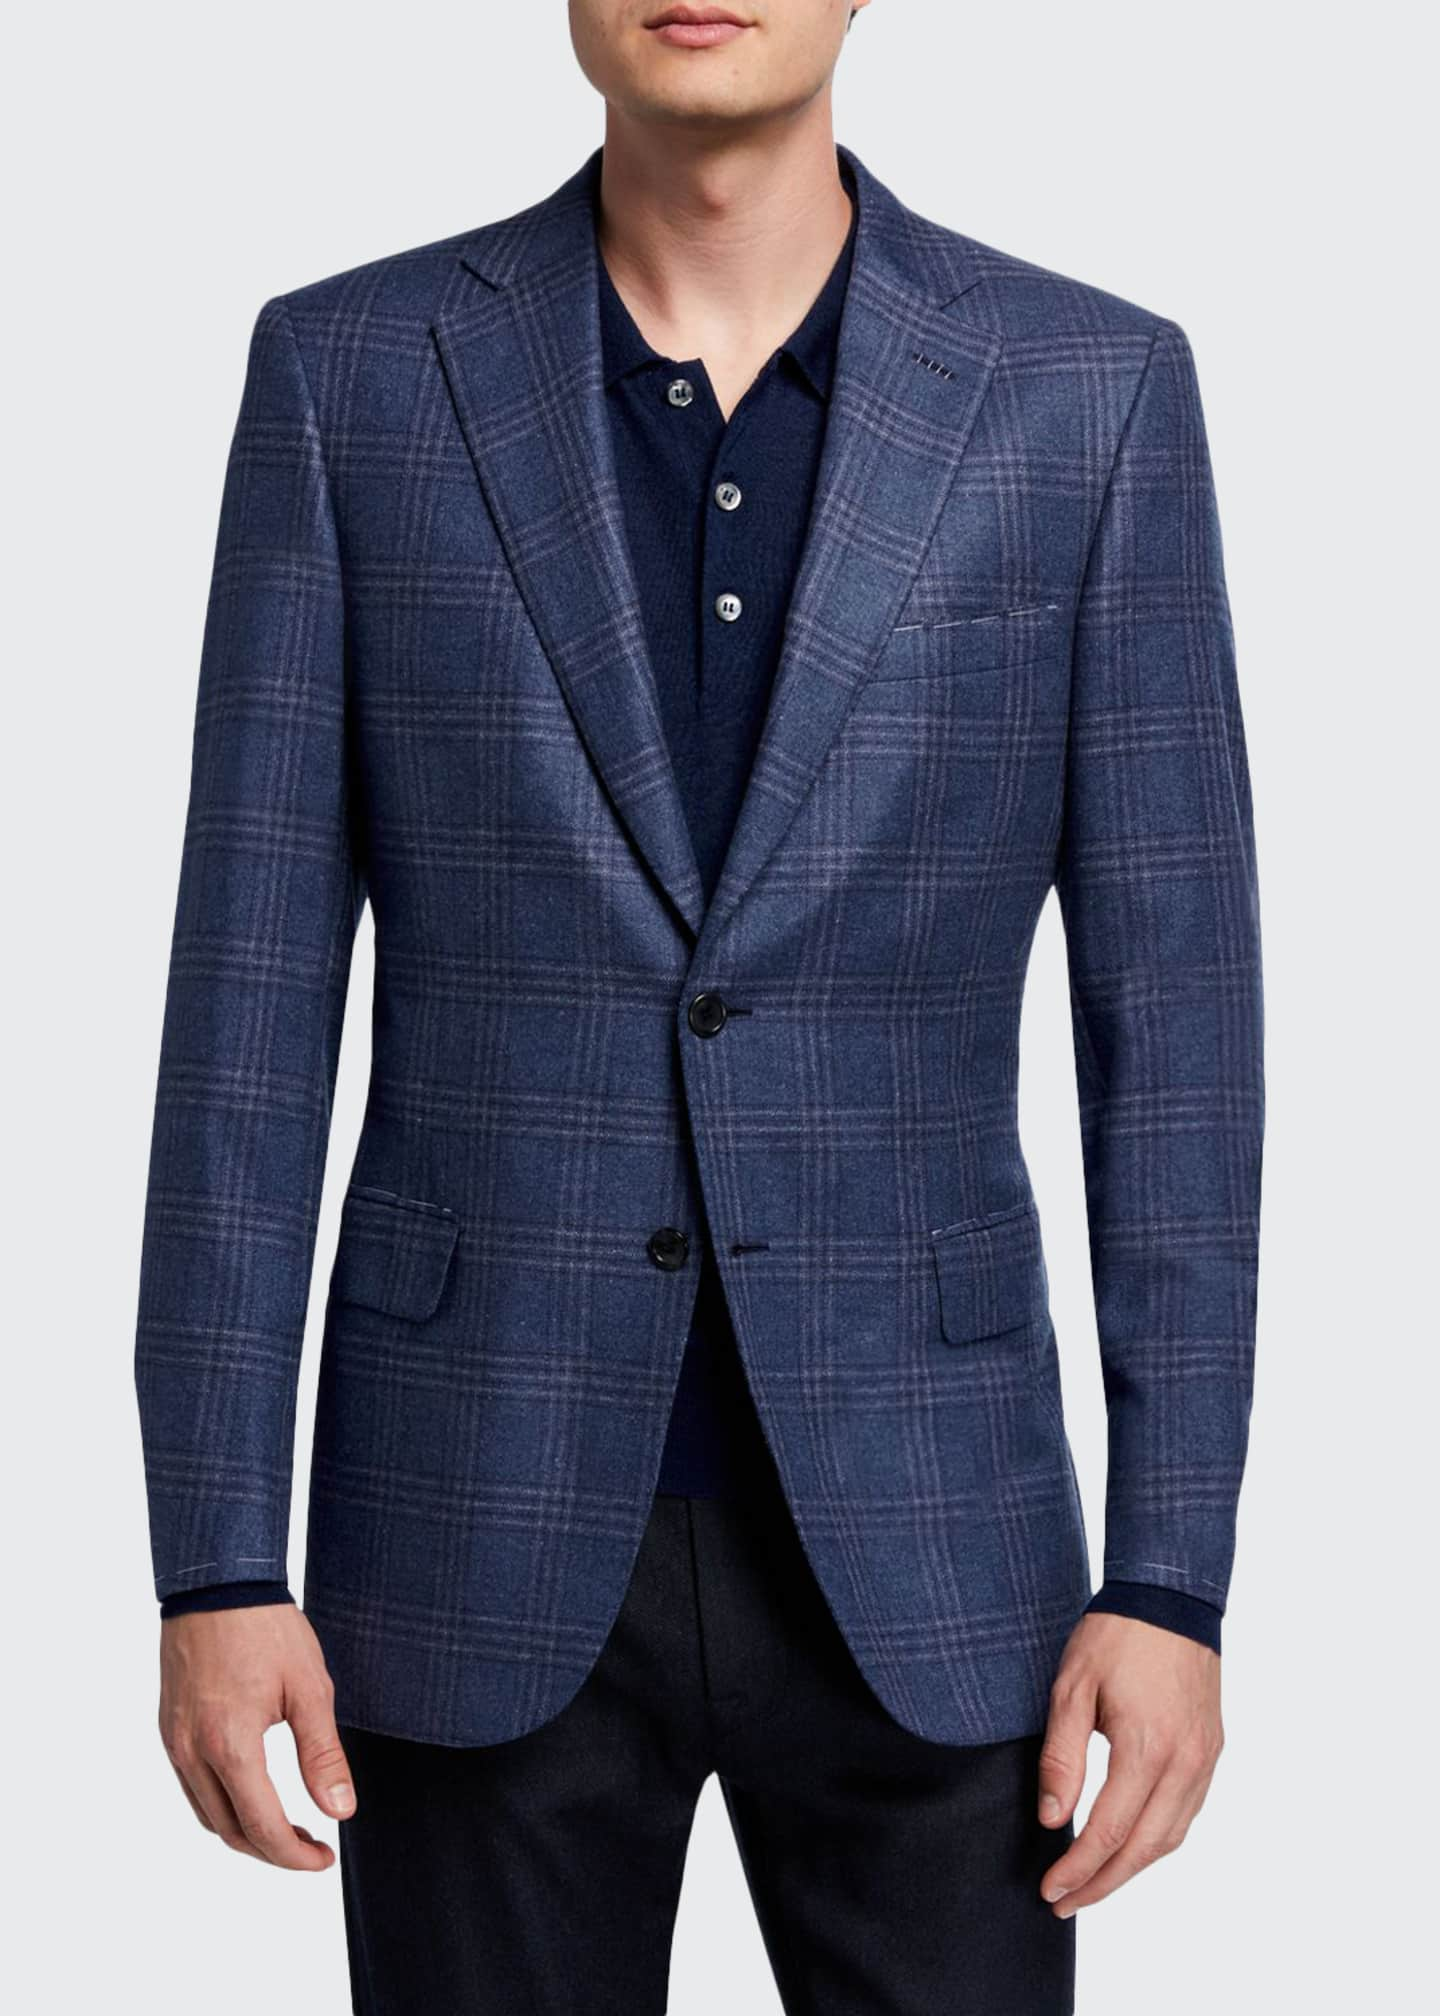 Brioni Men's Plaid Two-Button Jacket